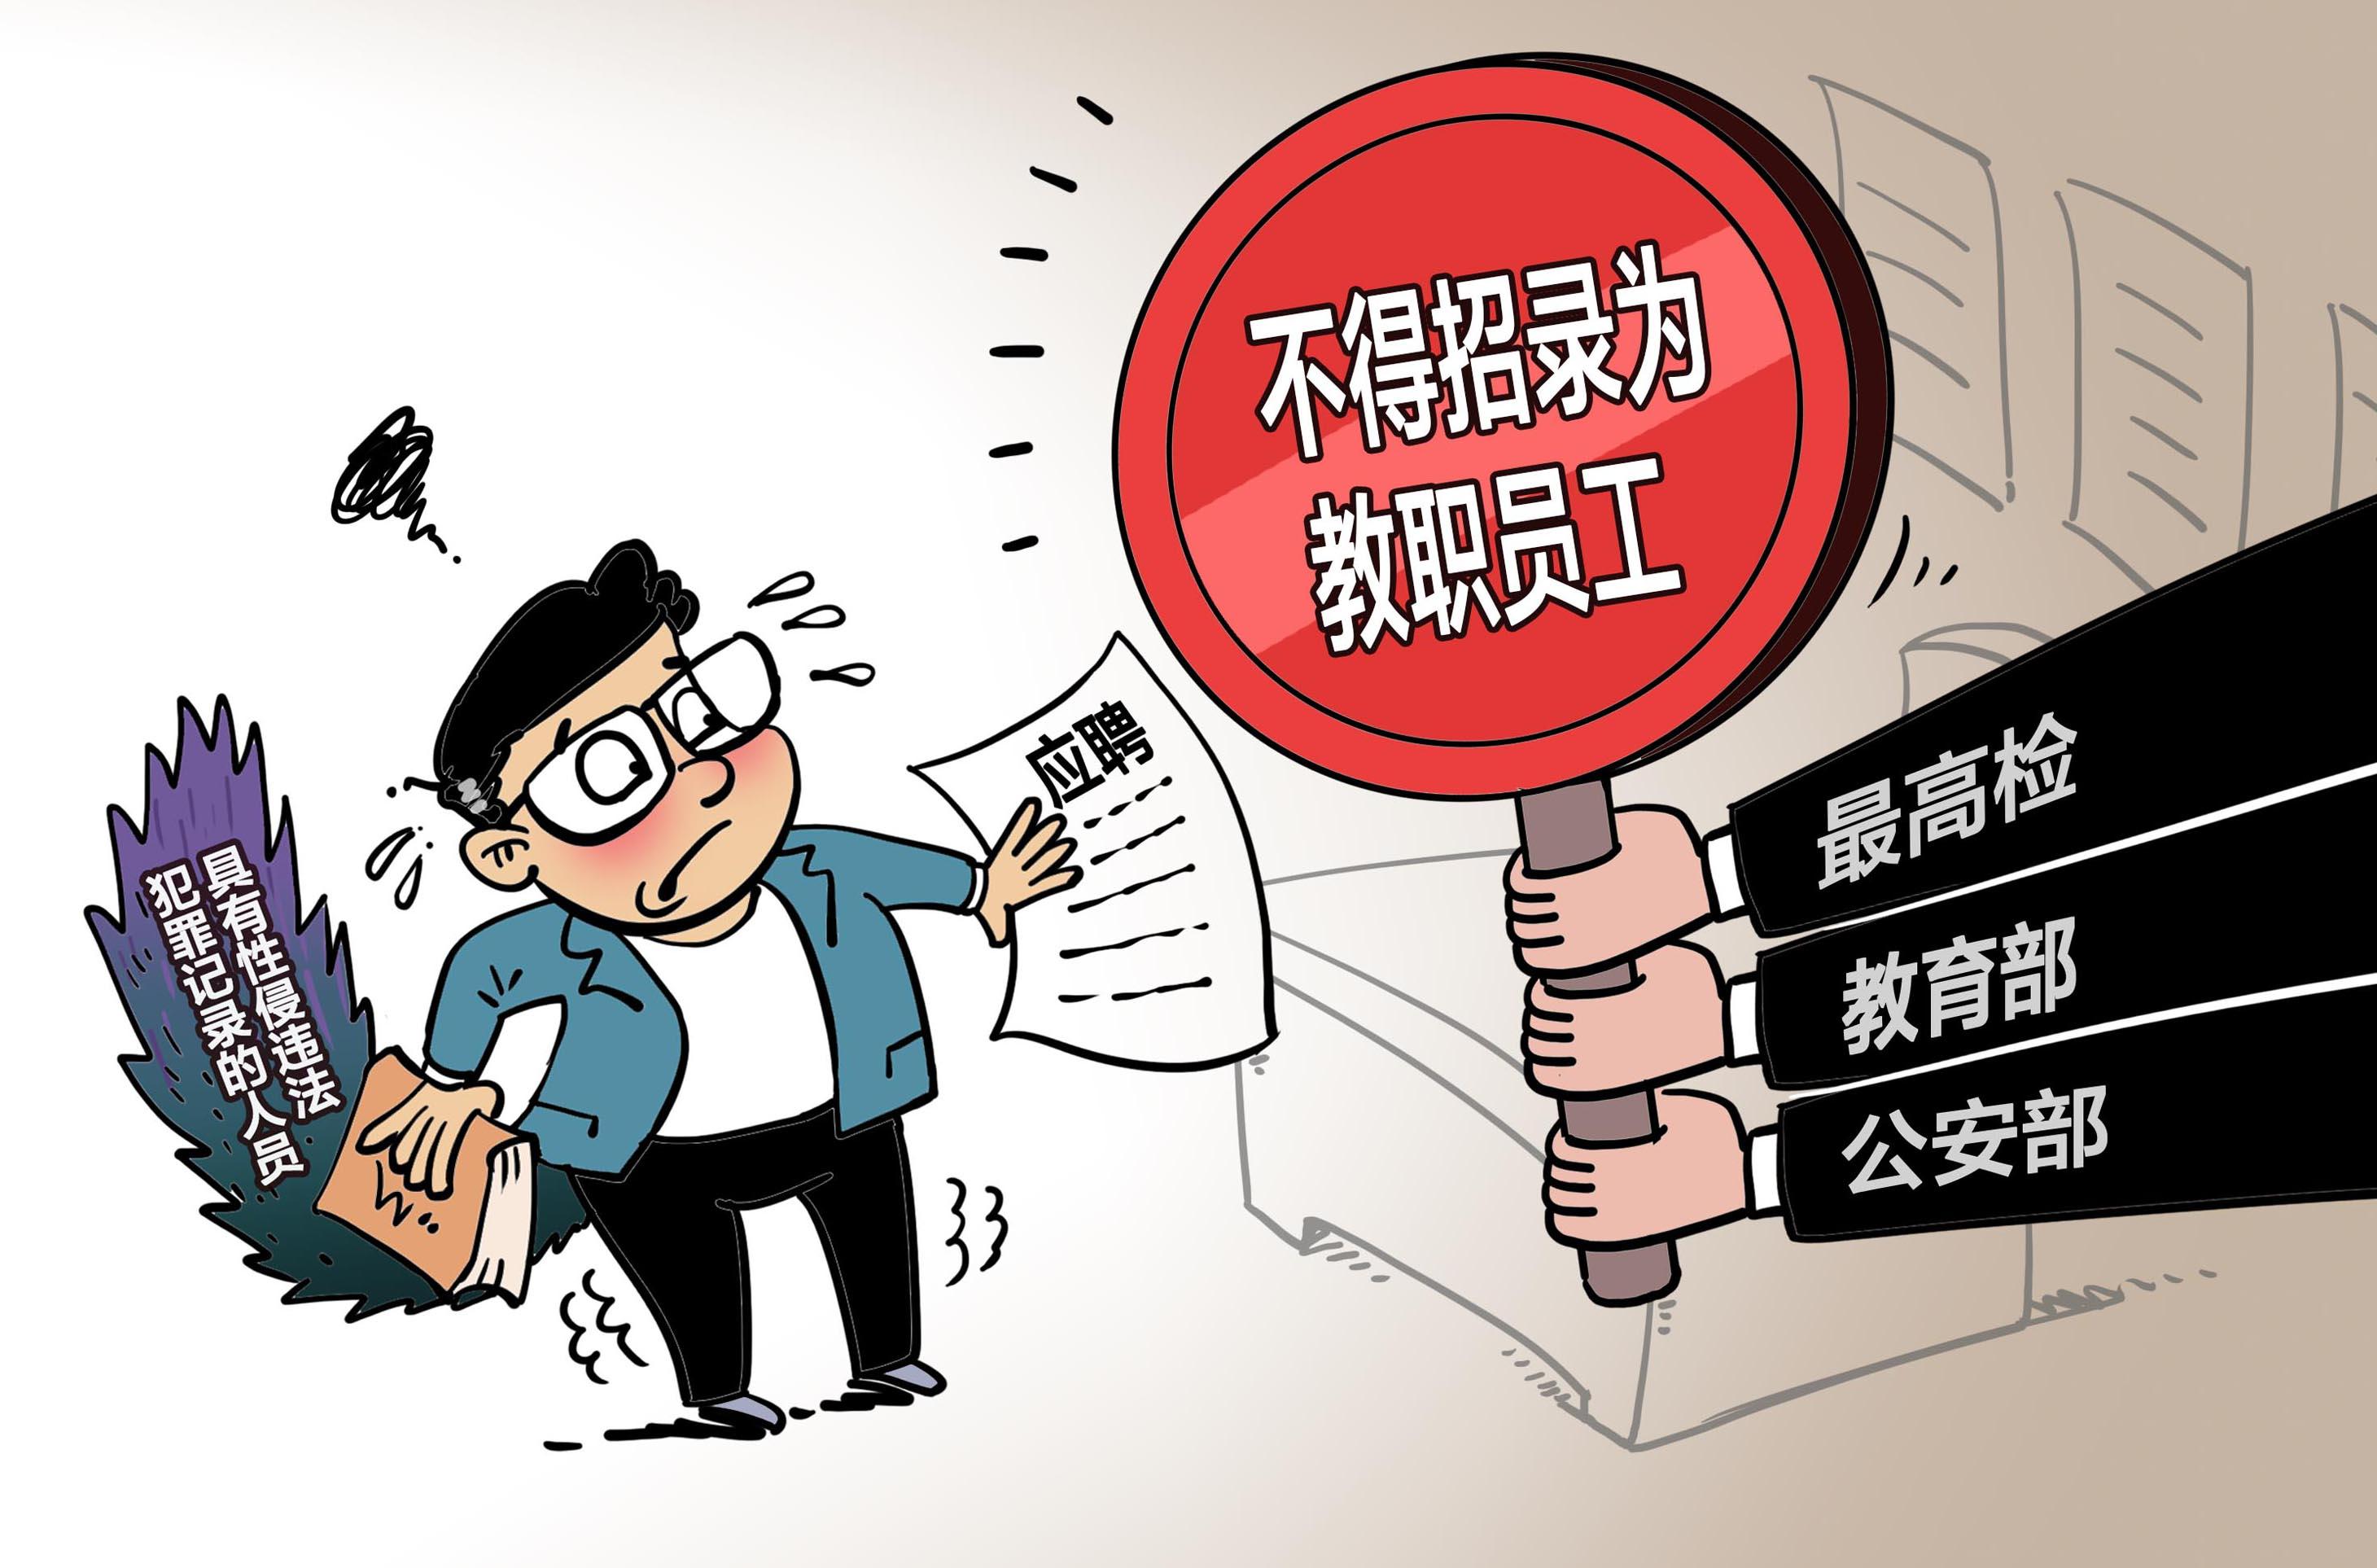 郭德鑫新华漫画789禁.jpg